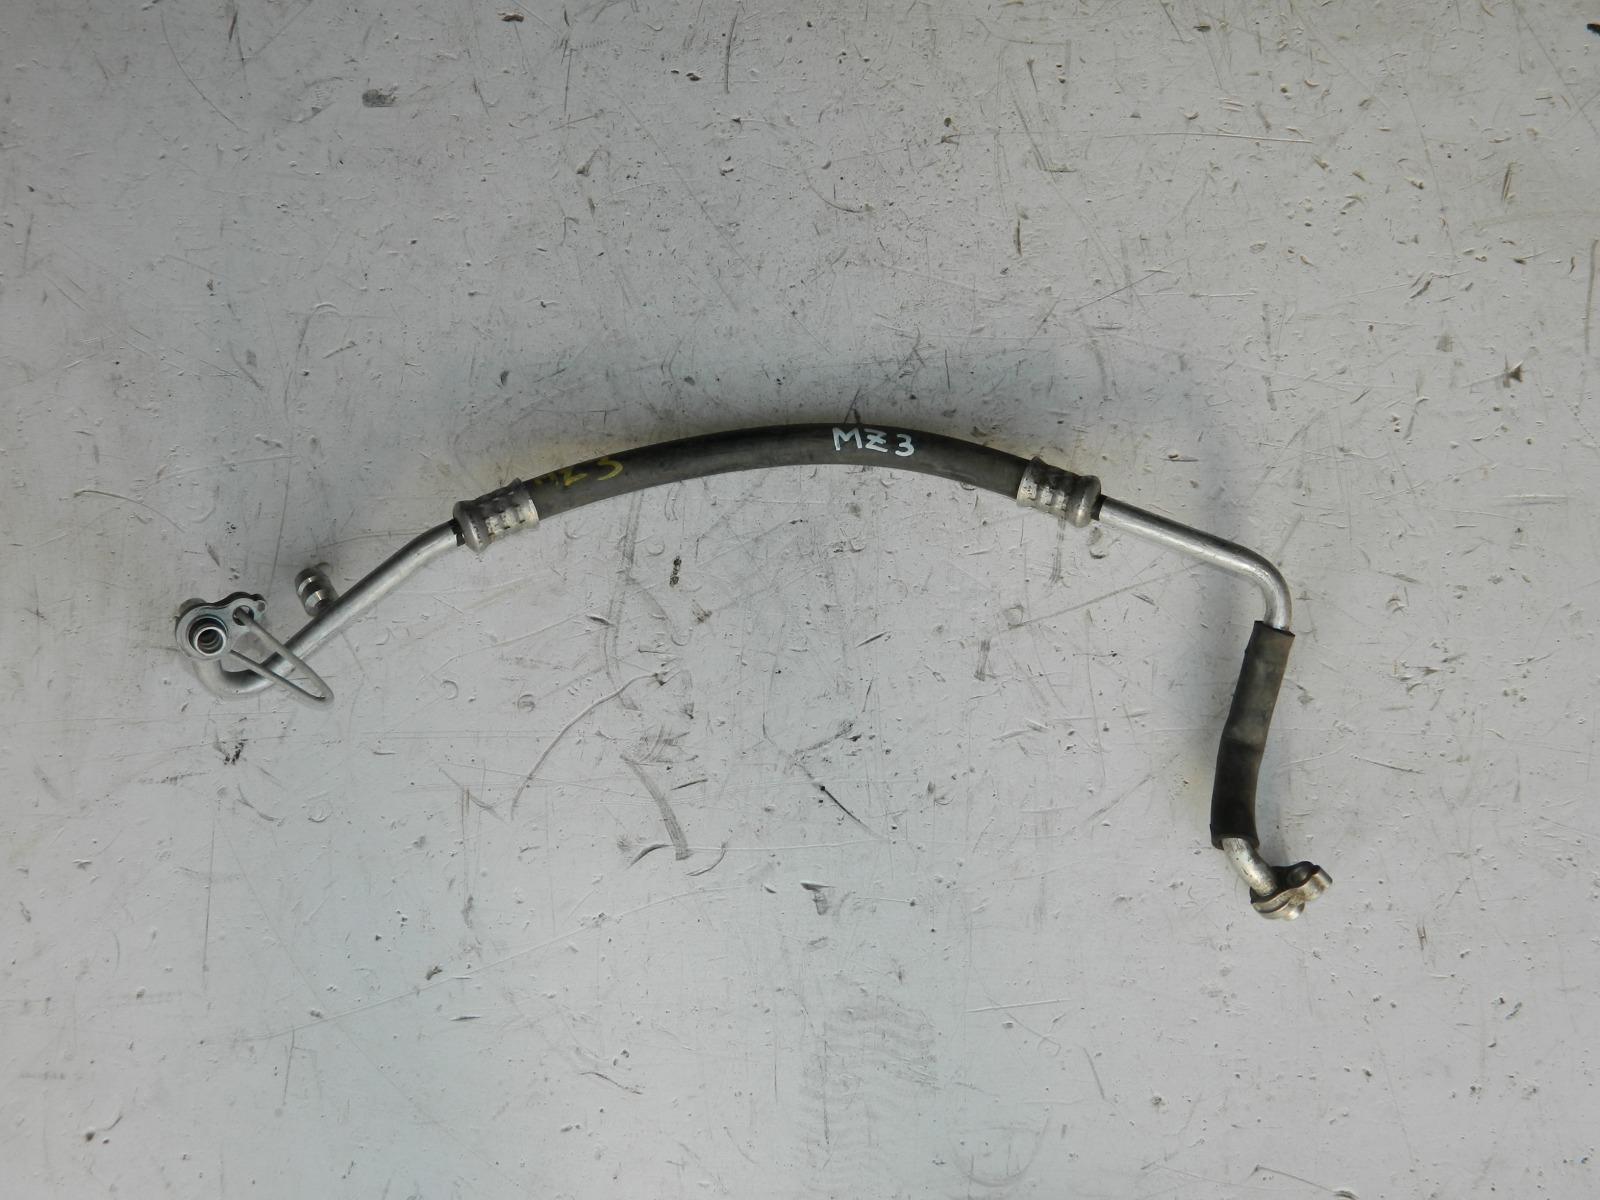 Трубка кондиционера Mazda 3 (б/у)